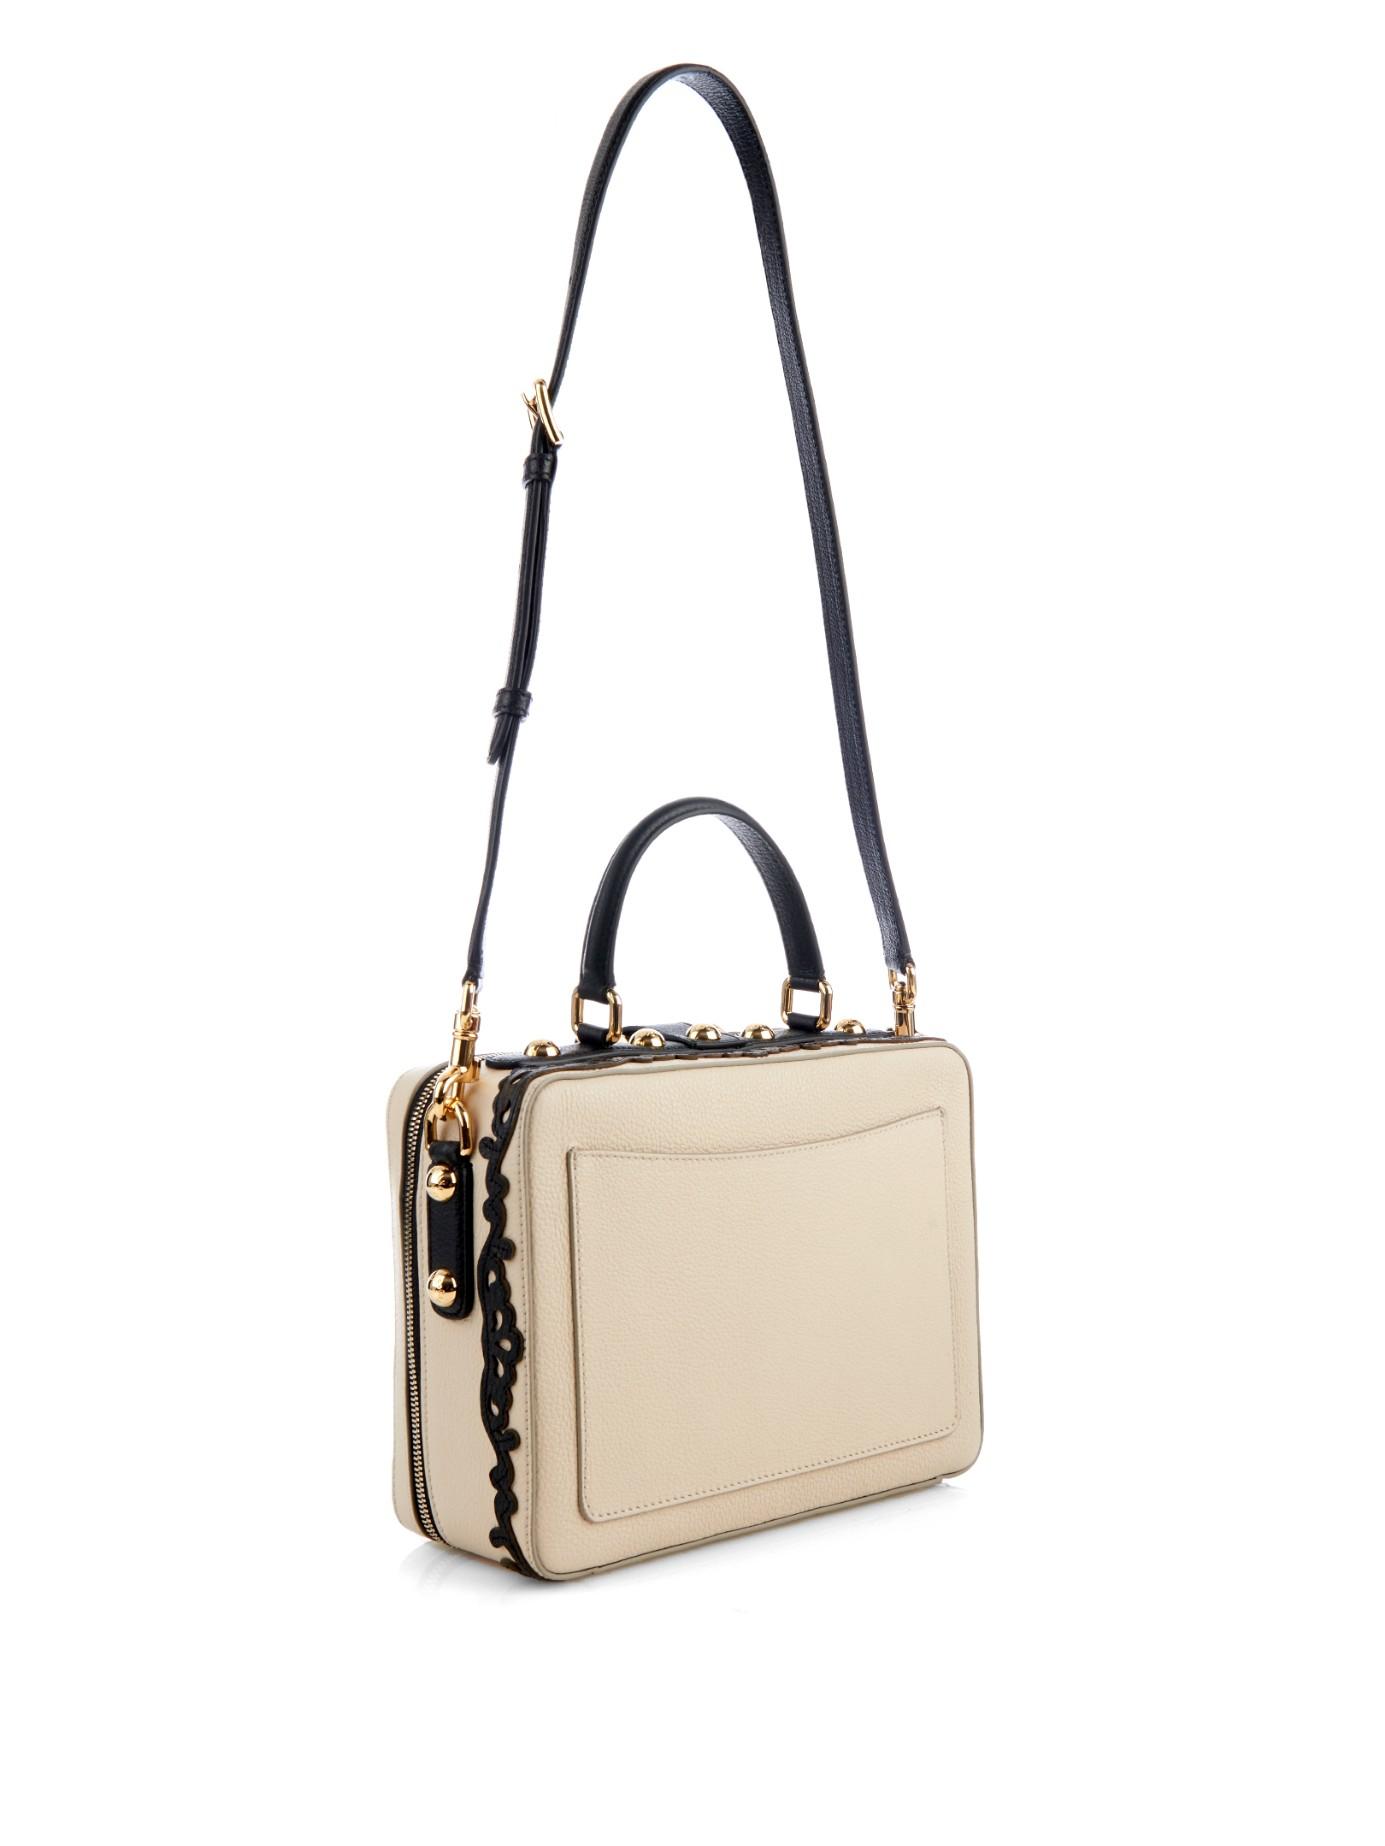 2a6a5e82ca Dolce   Gabbana Rosaria Embellished Leather Shoulder Bag - Lyst